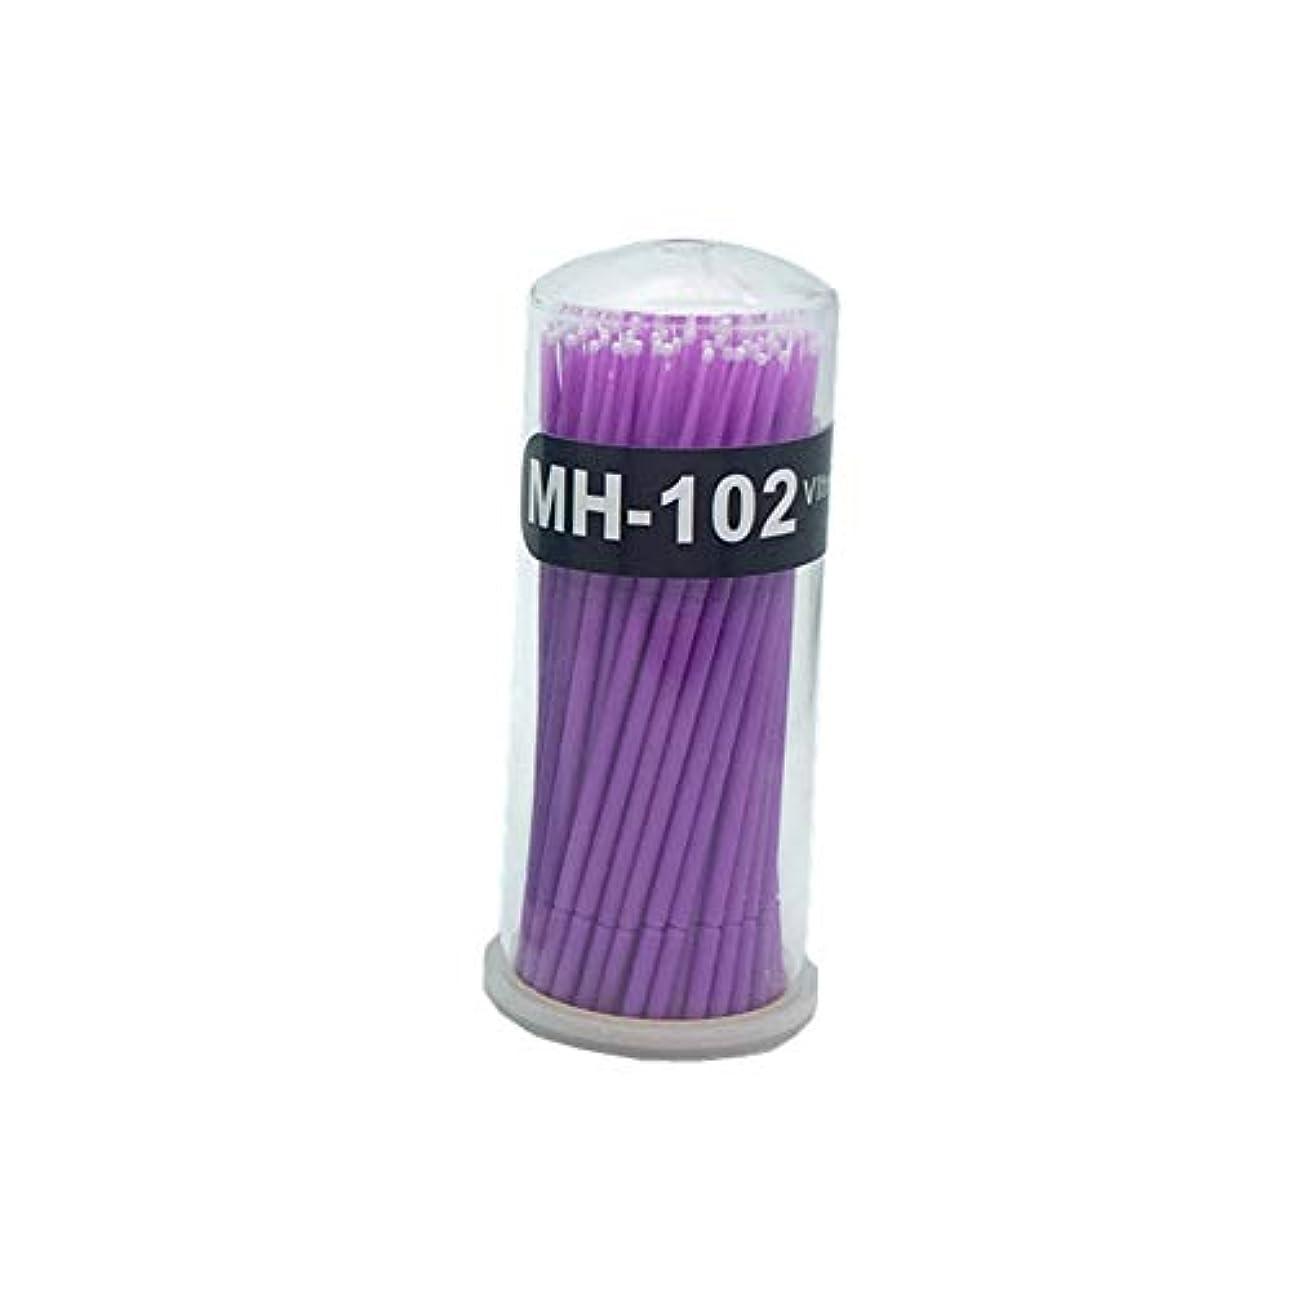 緑変化するマークダウンランダムカラーメイクアップ化粧品アプリケーターブラシ100マイクロマイクロ使い捨てブラシの曲げ可能なスワブアプリケータ